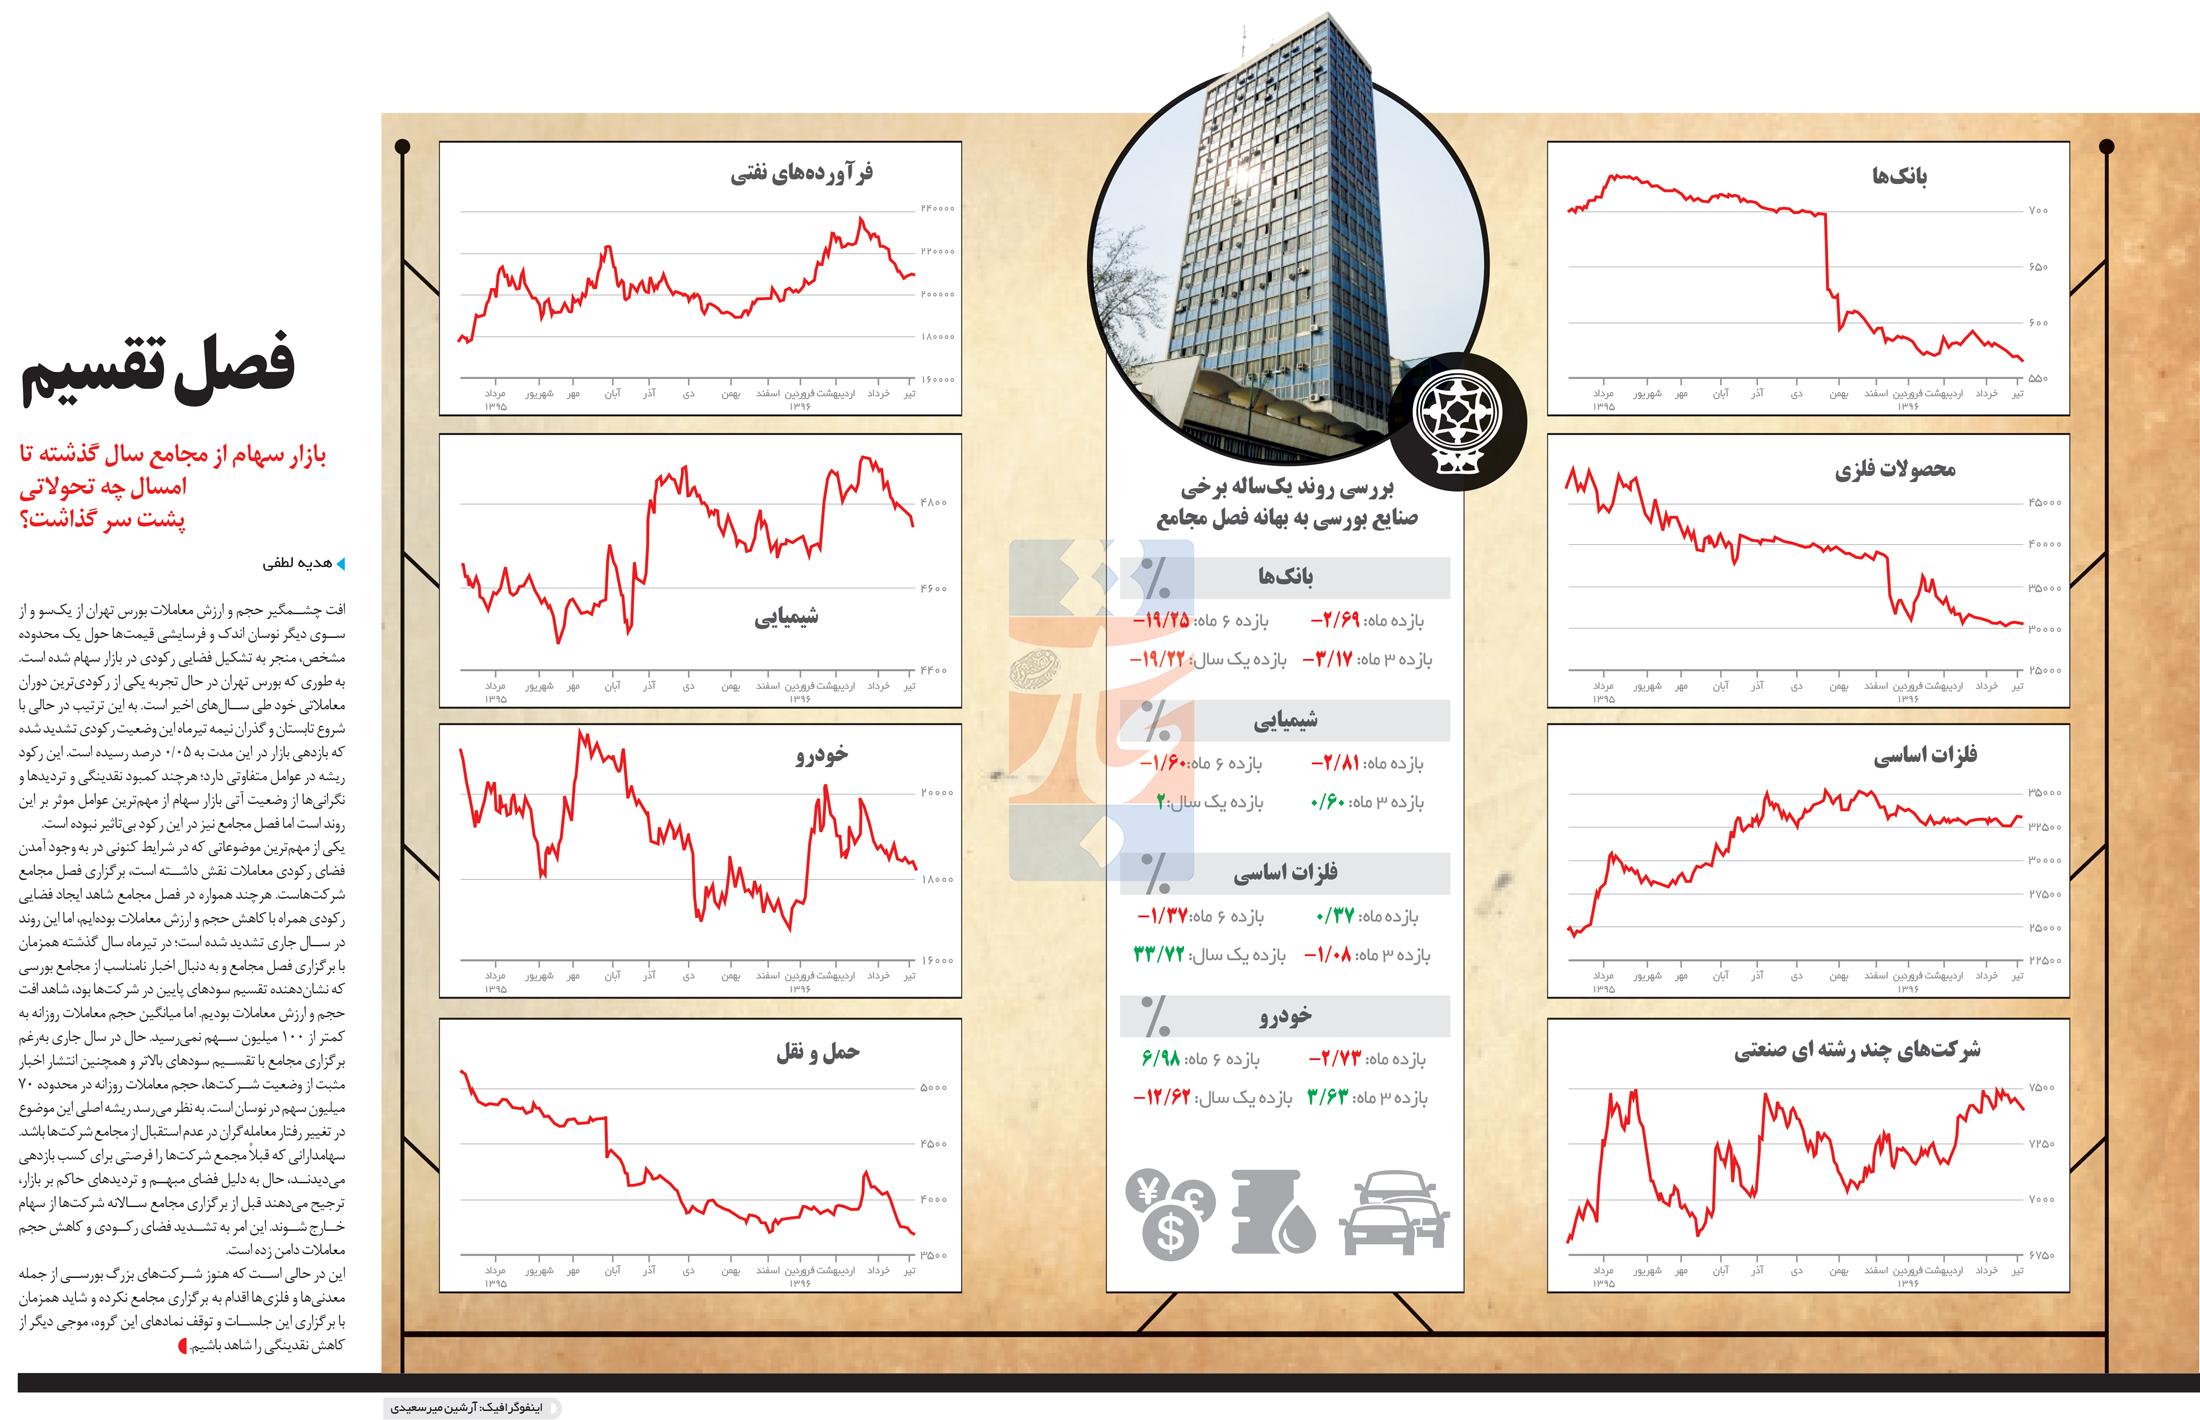 تجارت- فردا- بازارها(اینفوگرافیک)